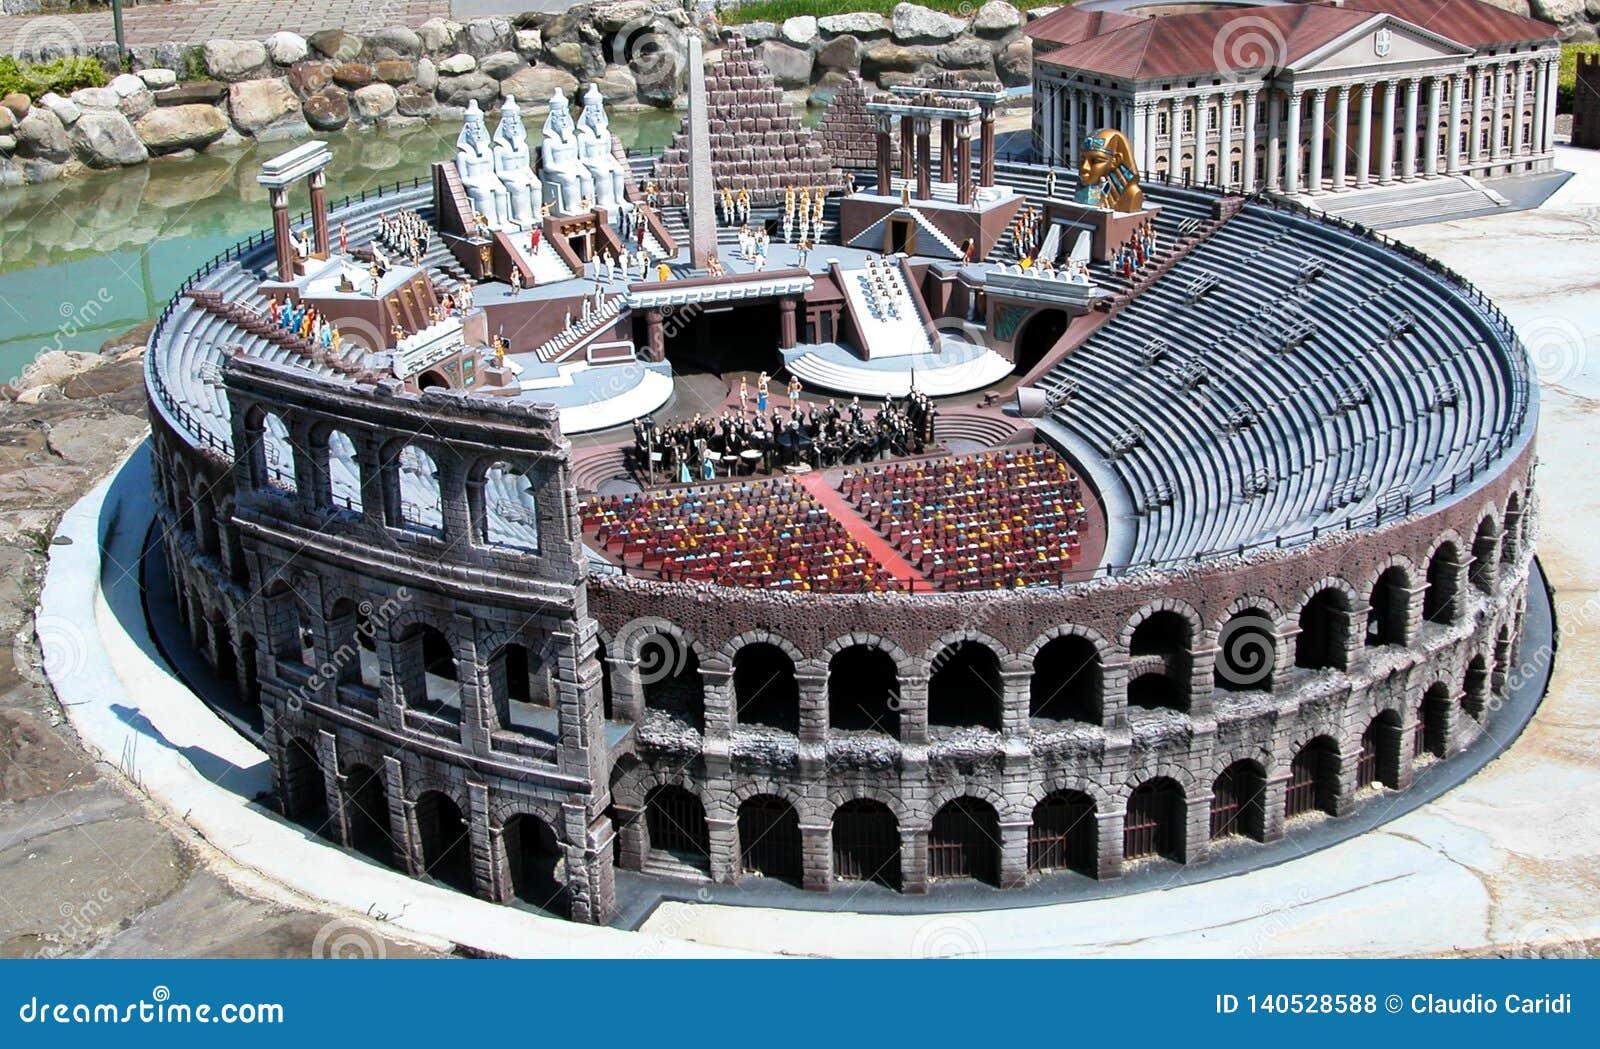 Colosseum Rzym w parku tematycznym «Włochy w miniaturowym «Italia w miniaturze Viserba, Rimini, Włochy